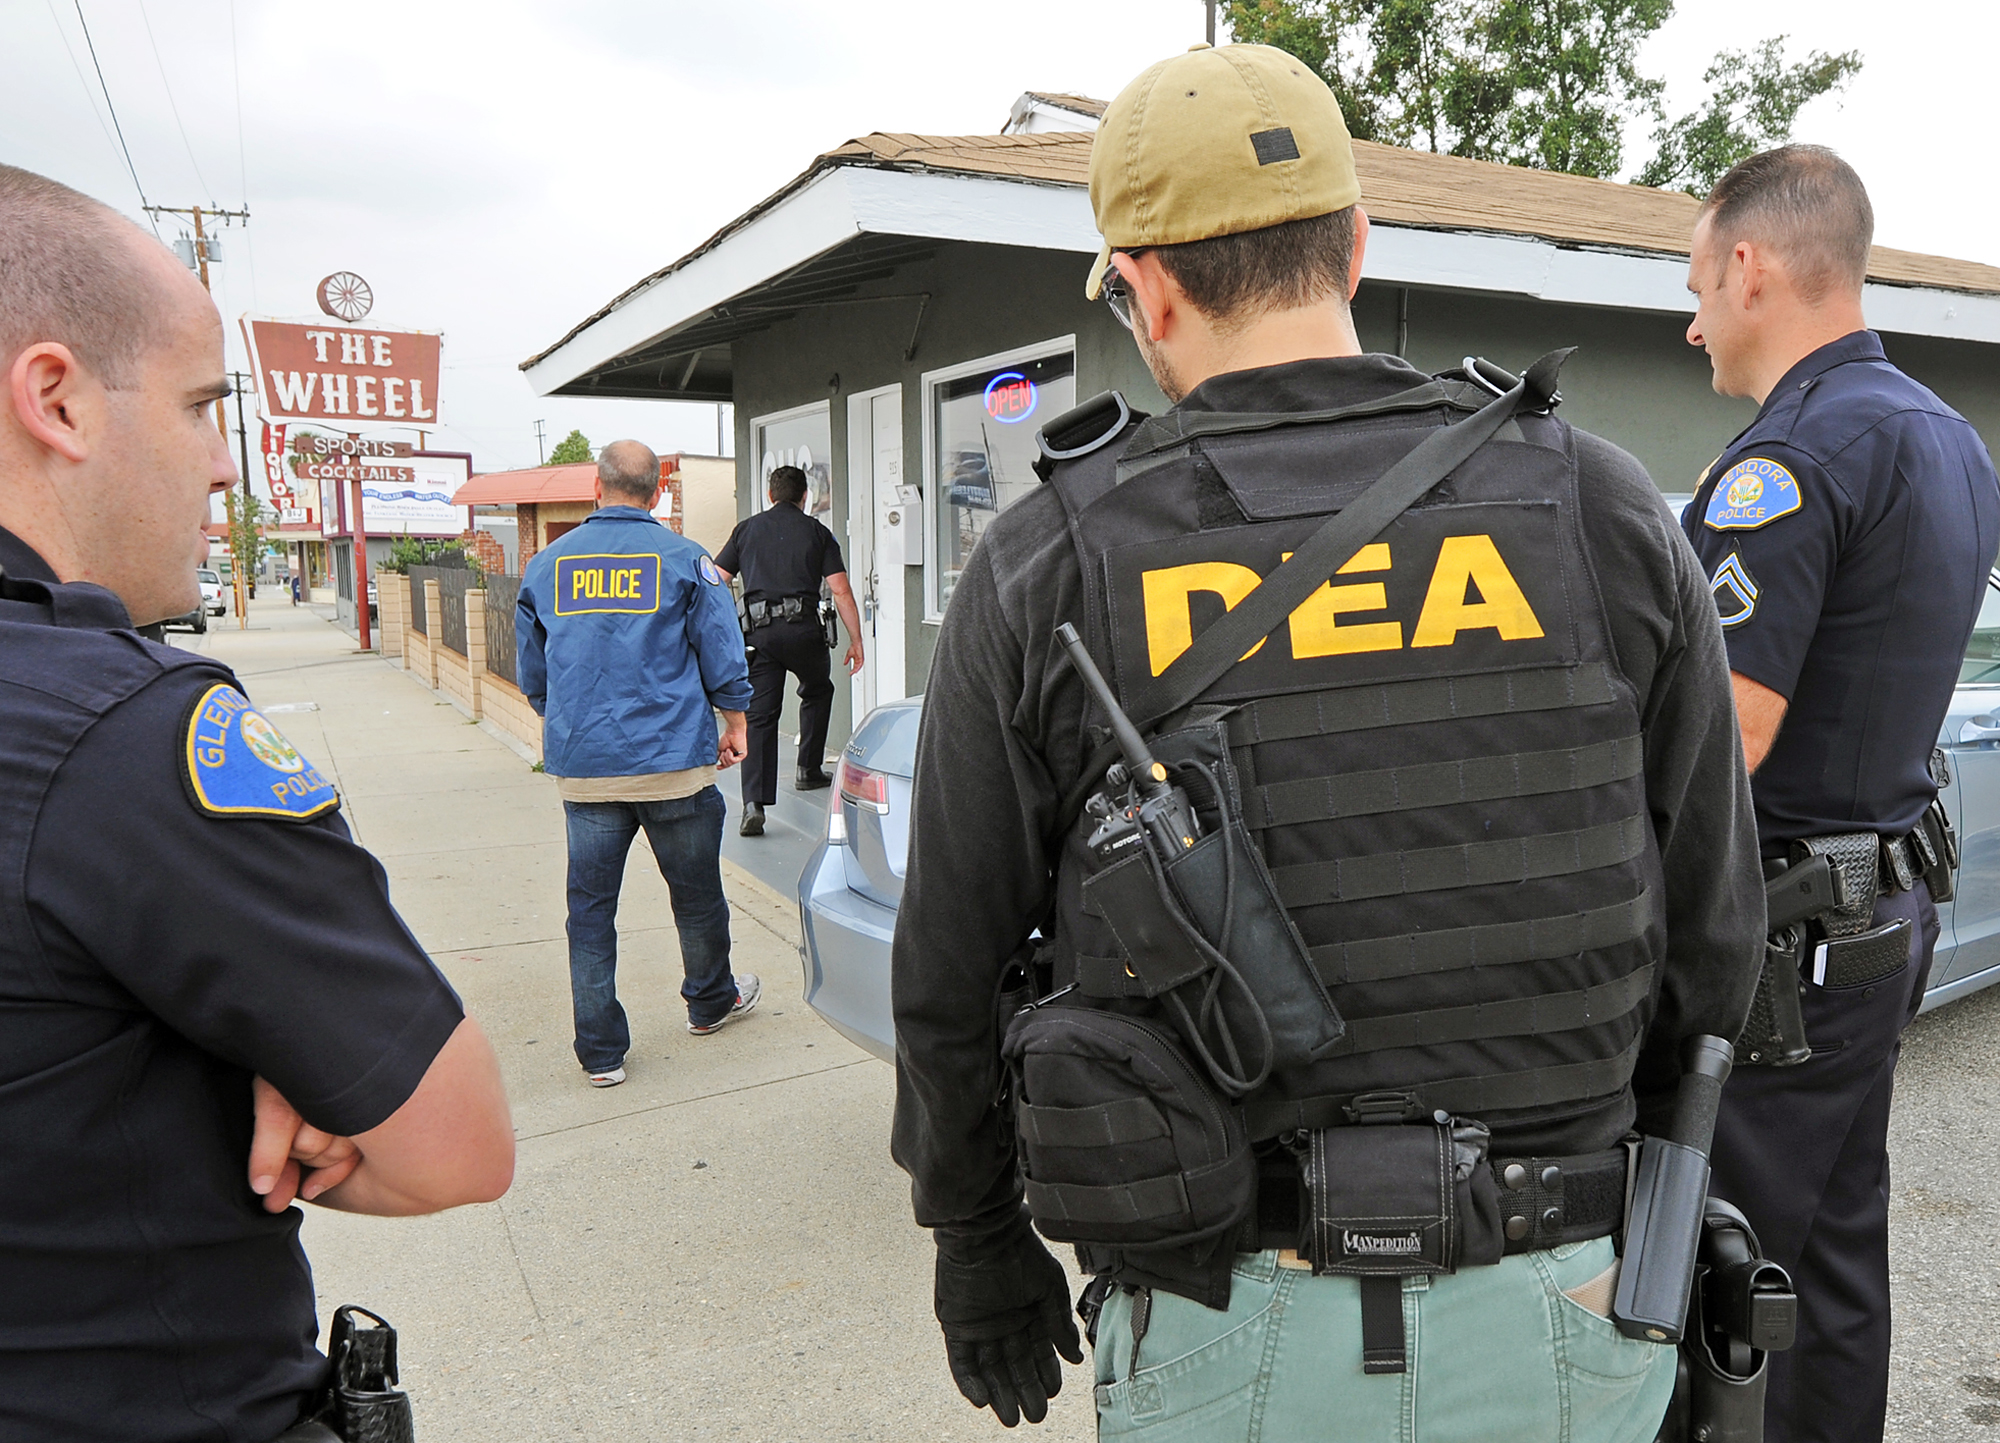 dea_police.JPG